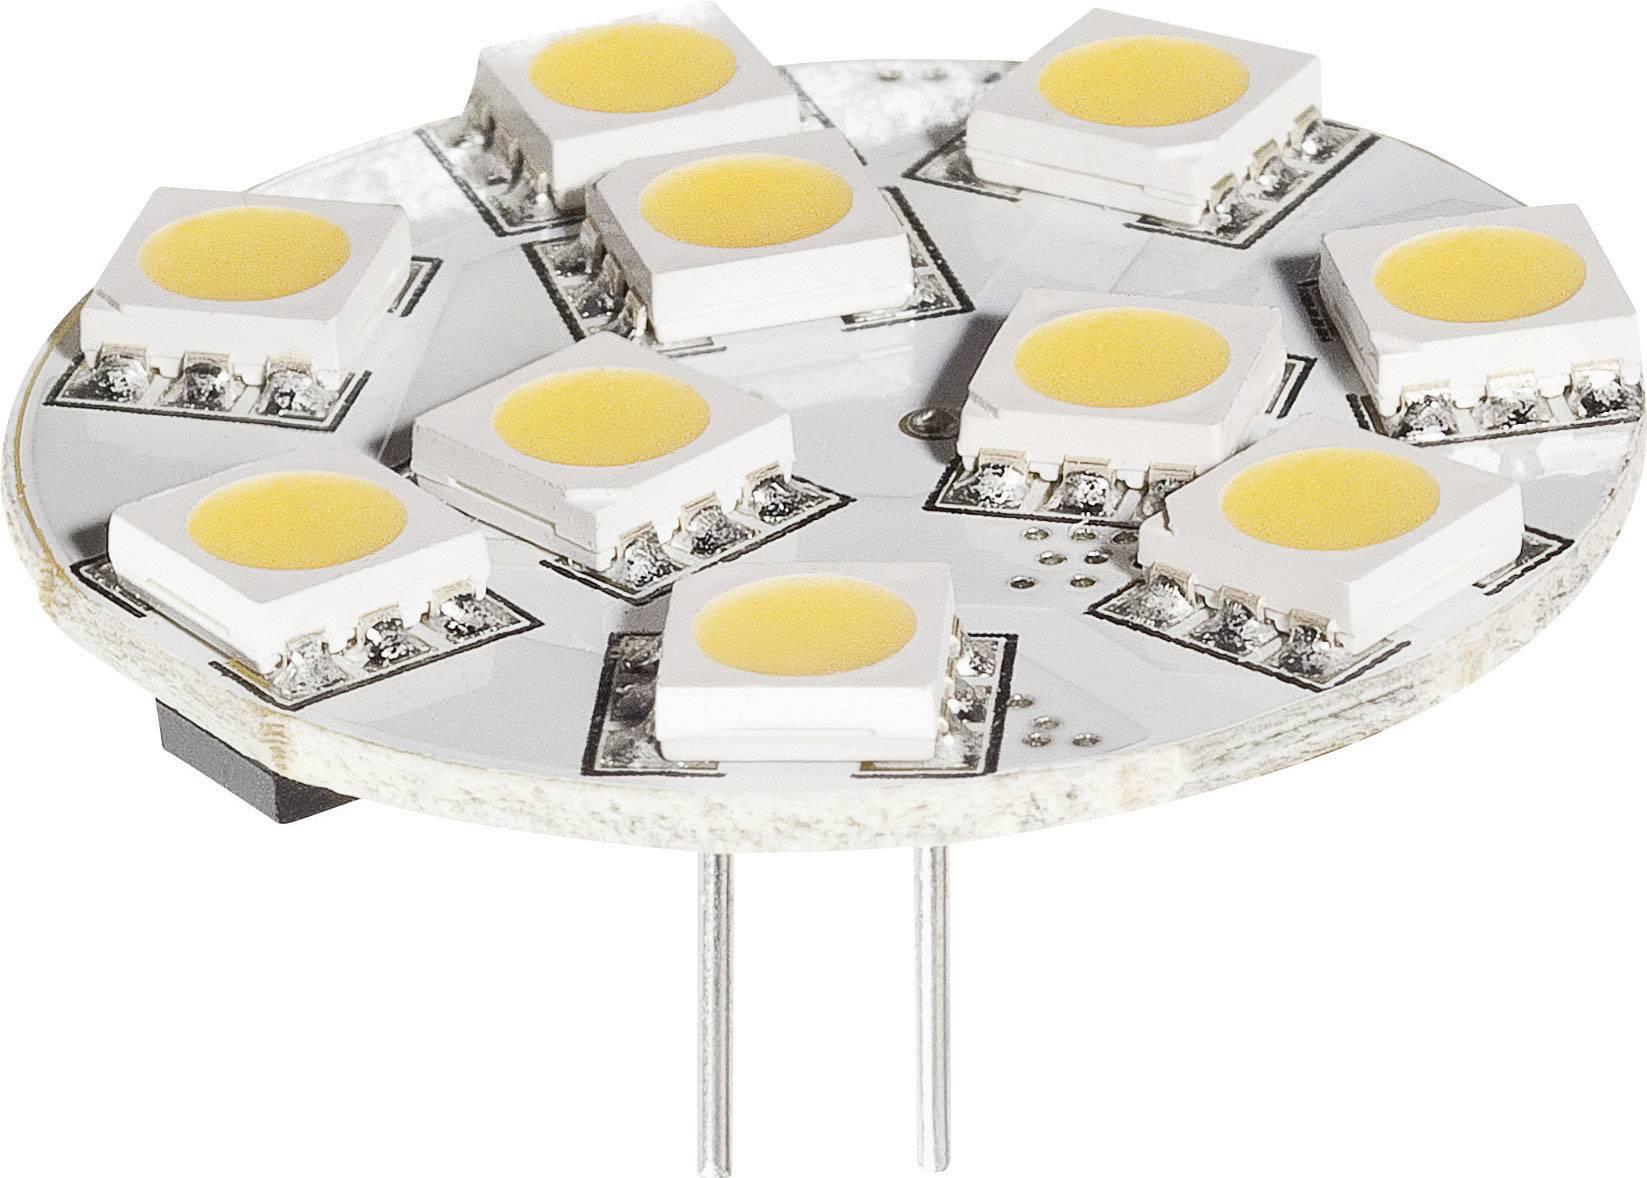 LED žiarovka DioDor DIO-LED10MZ4L 30 V, 2.5 W, teplá biela, A+, stmievateľná, 1 ks